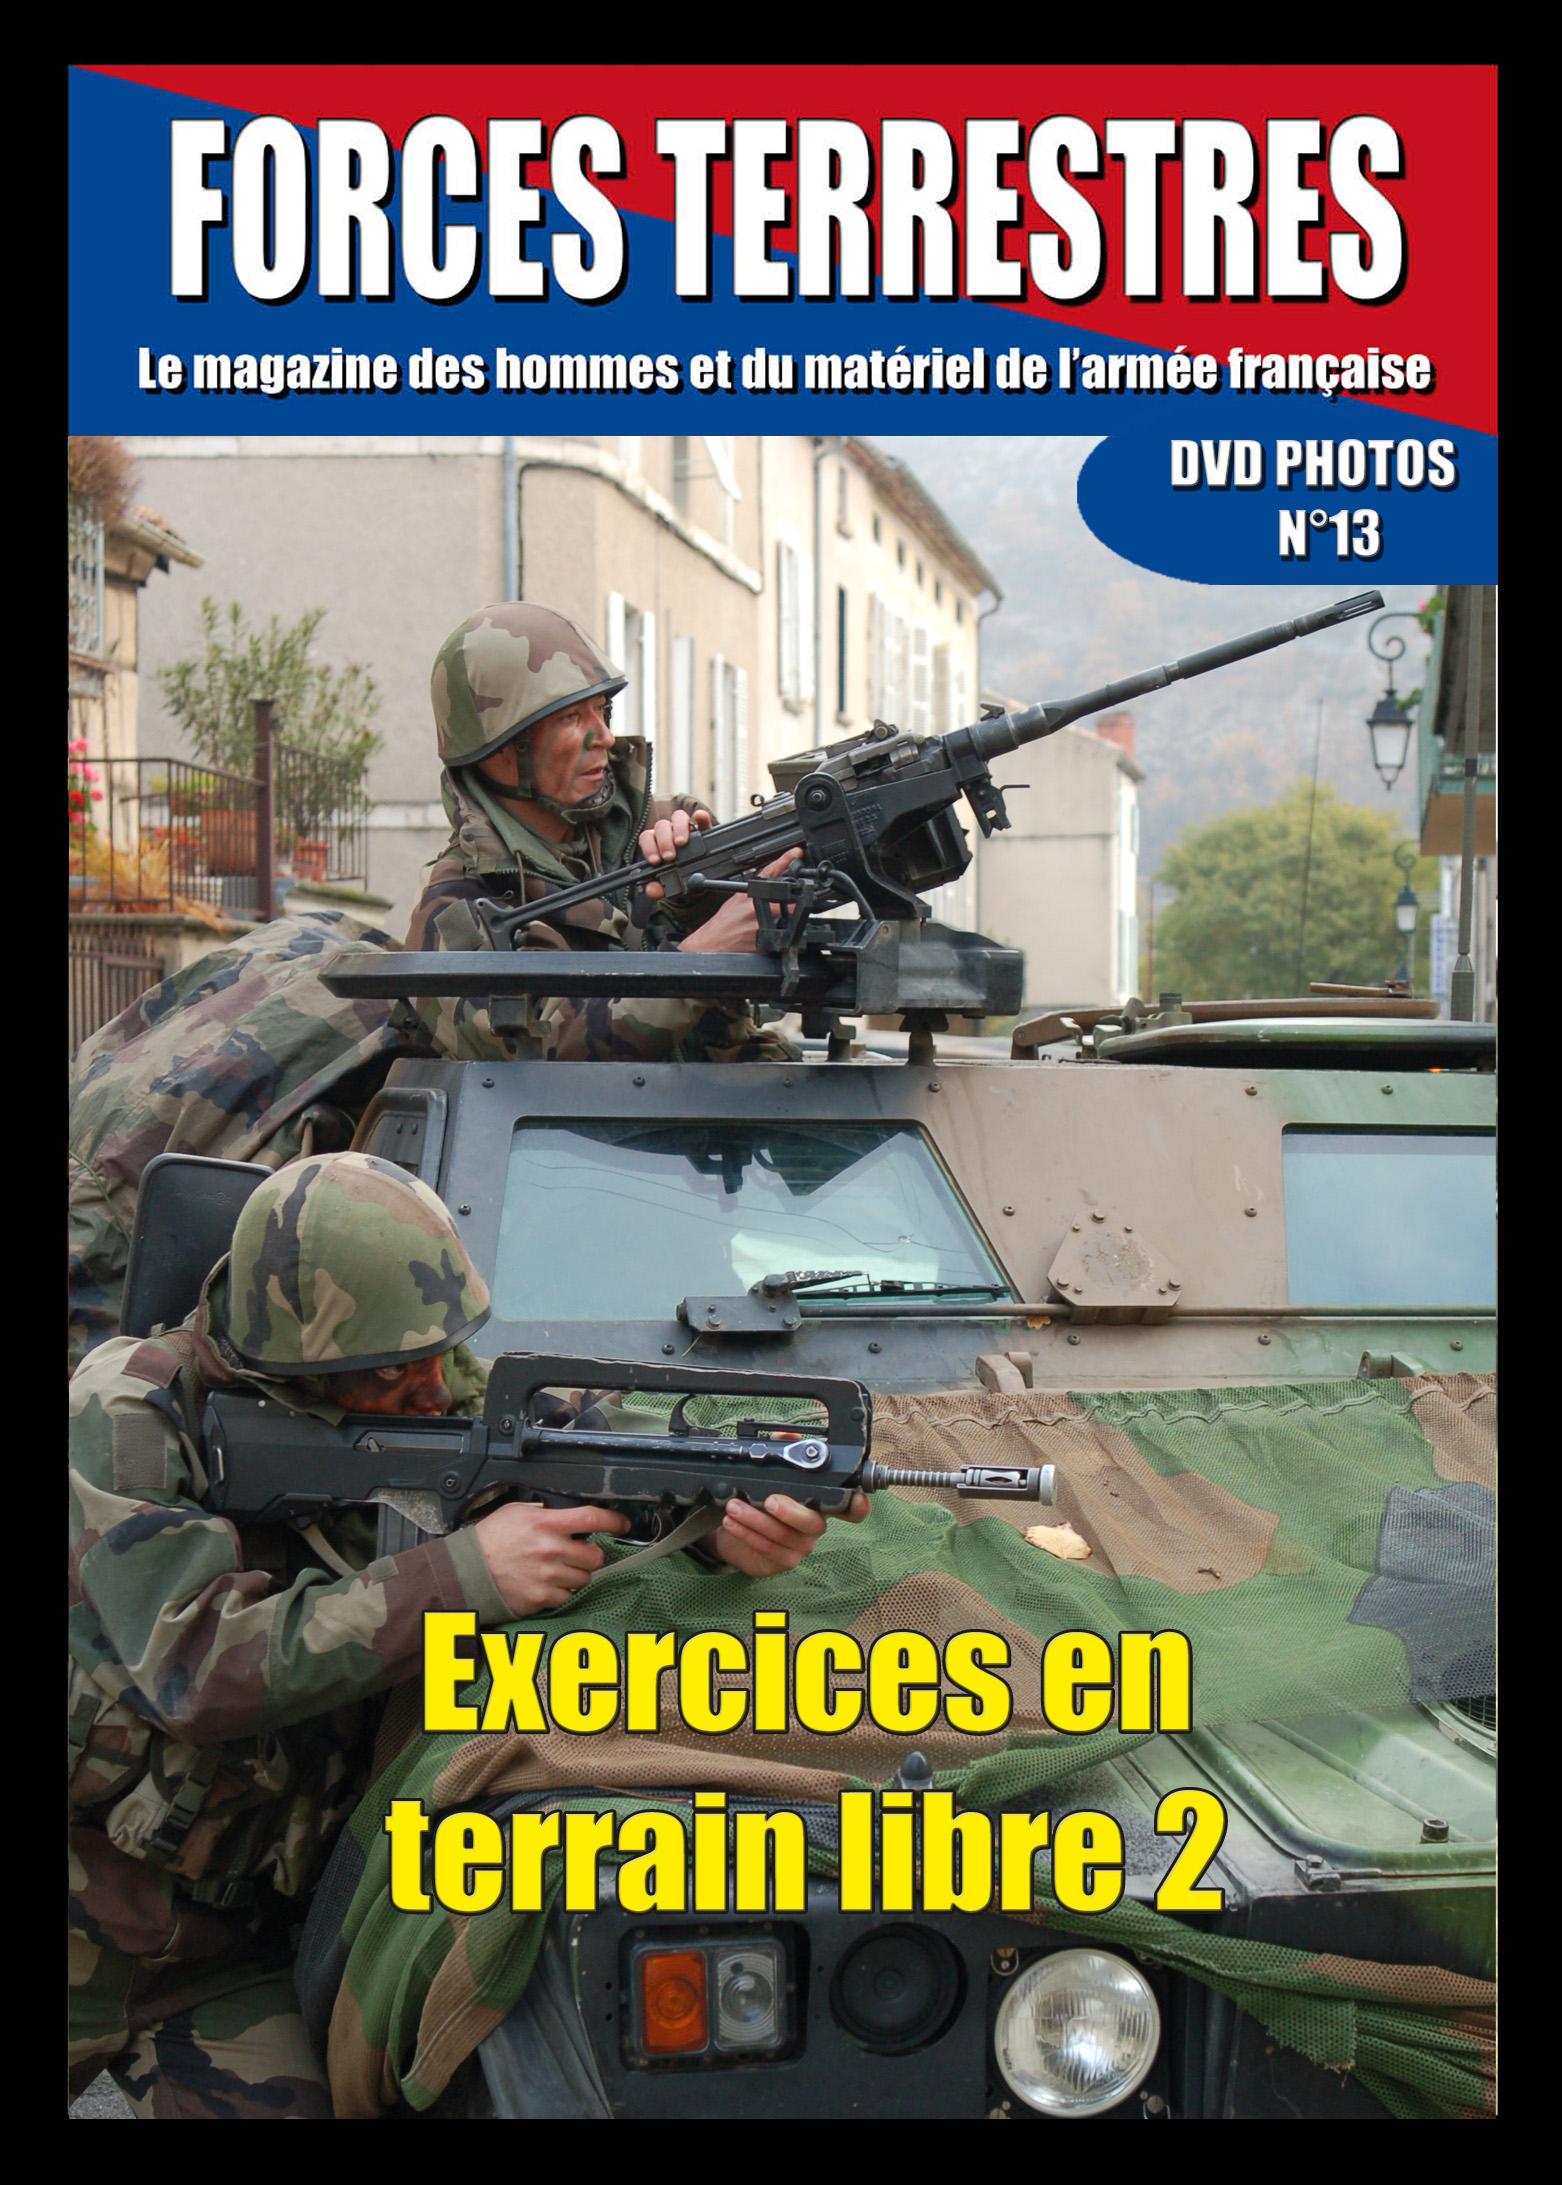 DVD  N°13 Exercices en terrain libre 2